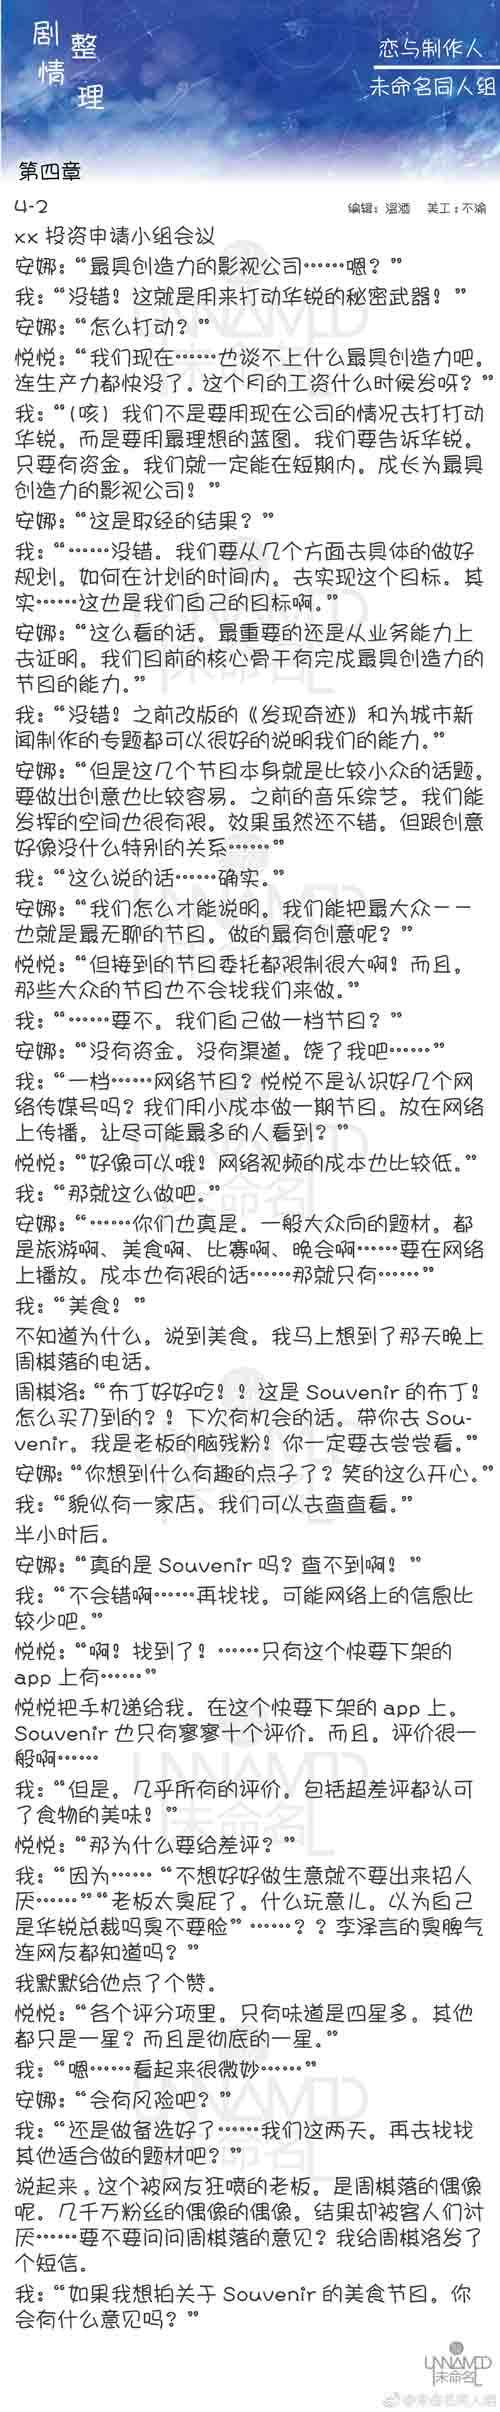 恋与制作人4-2剧情 恋与制作人第四章剧情